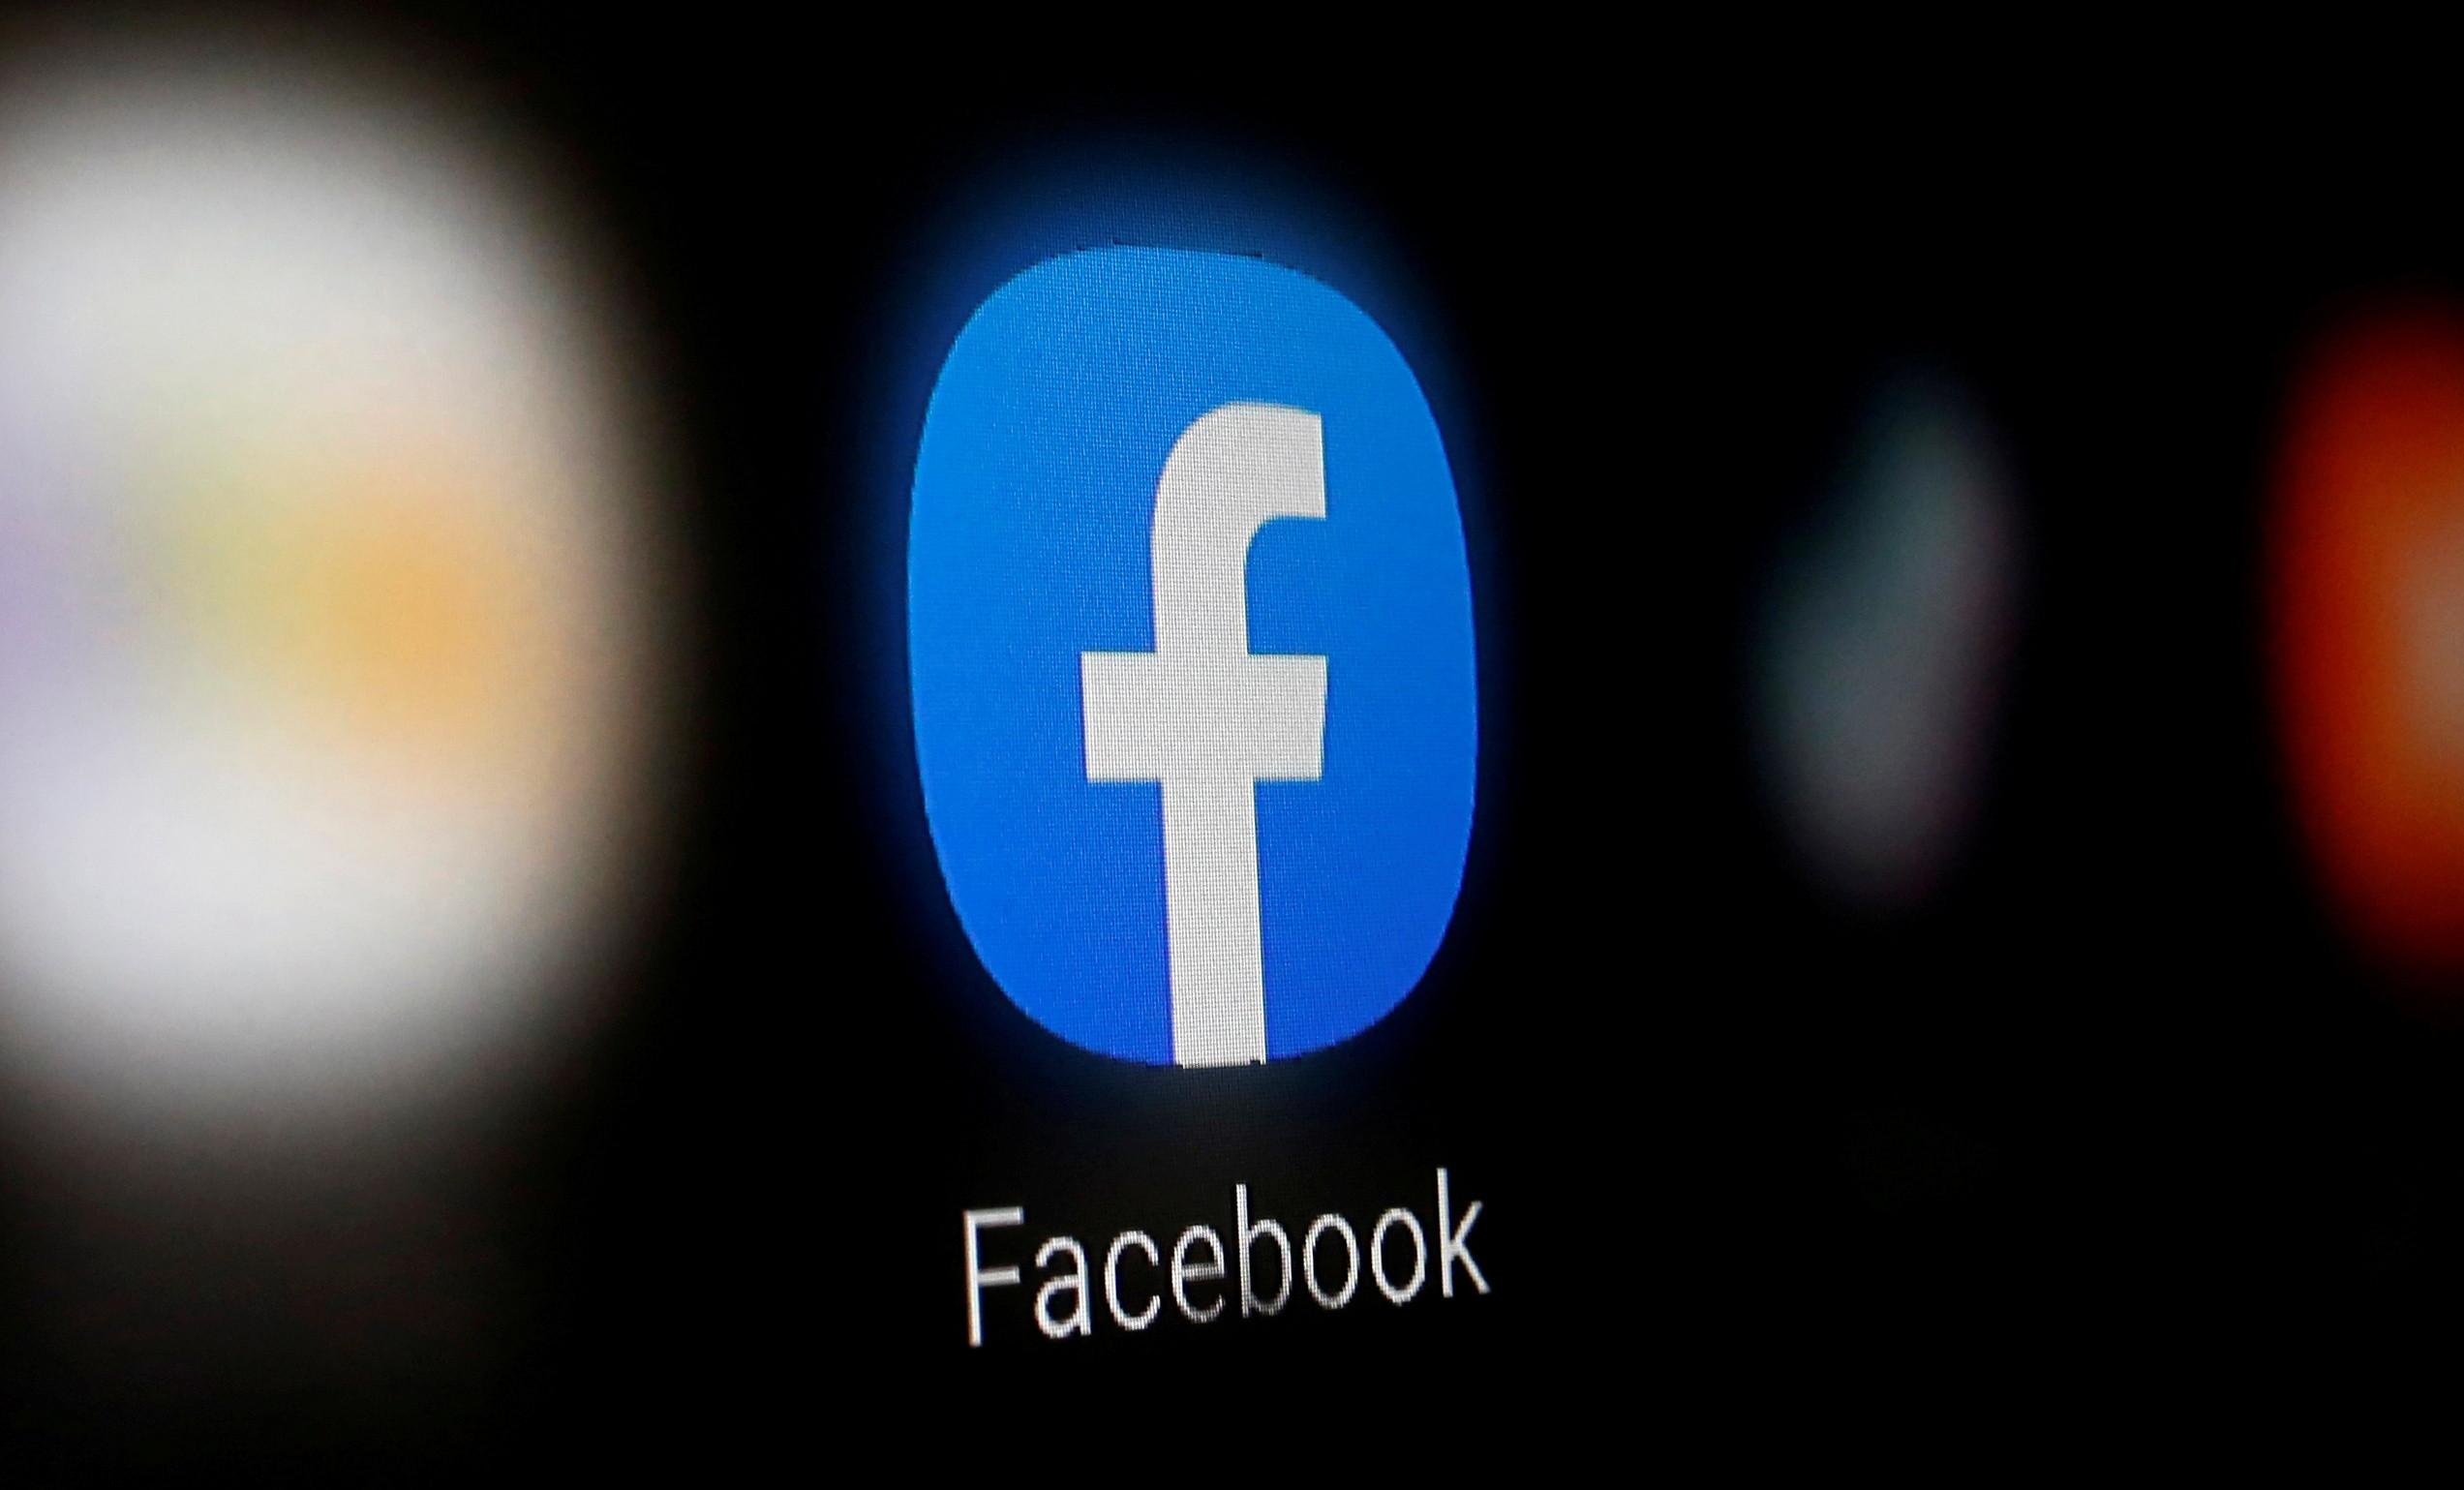 NCC,通傳會,Google,Facebook,澳洲,分潤,數位平台,公平會,文化部,基金,立法院,媒體議價法